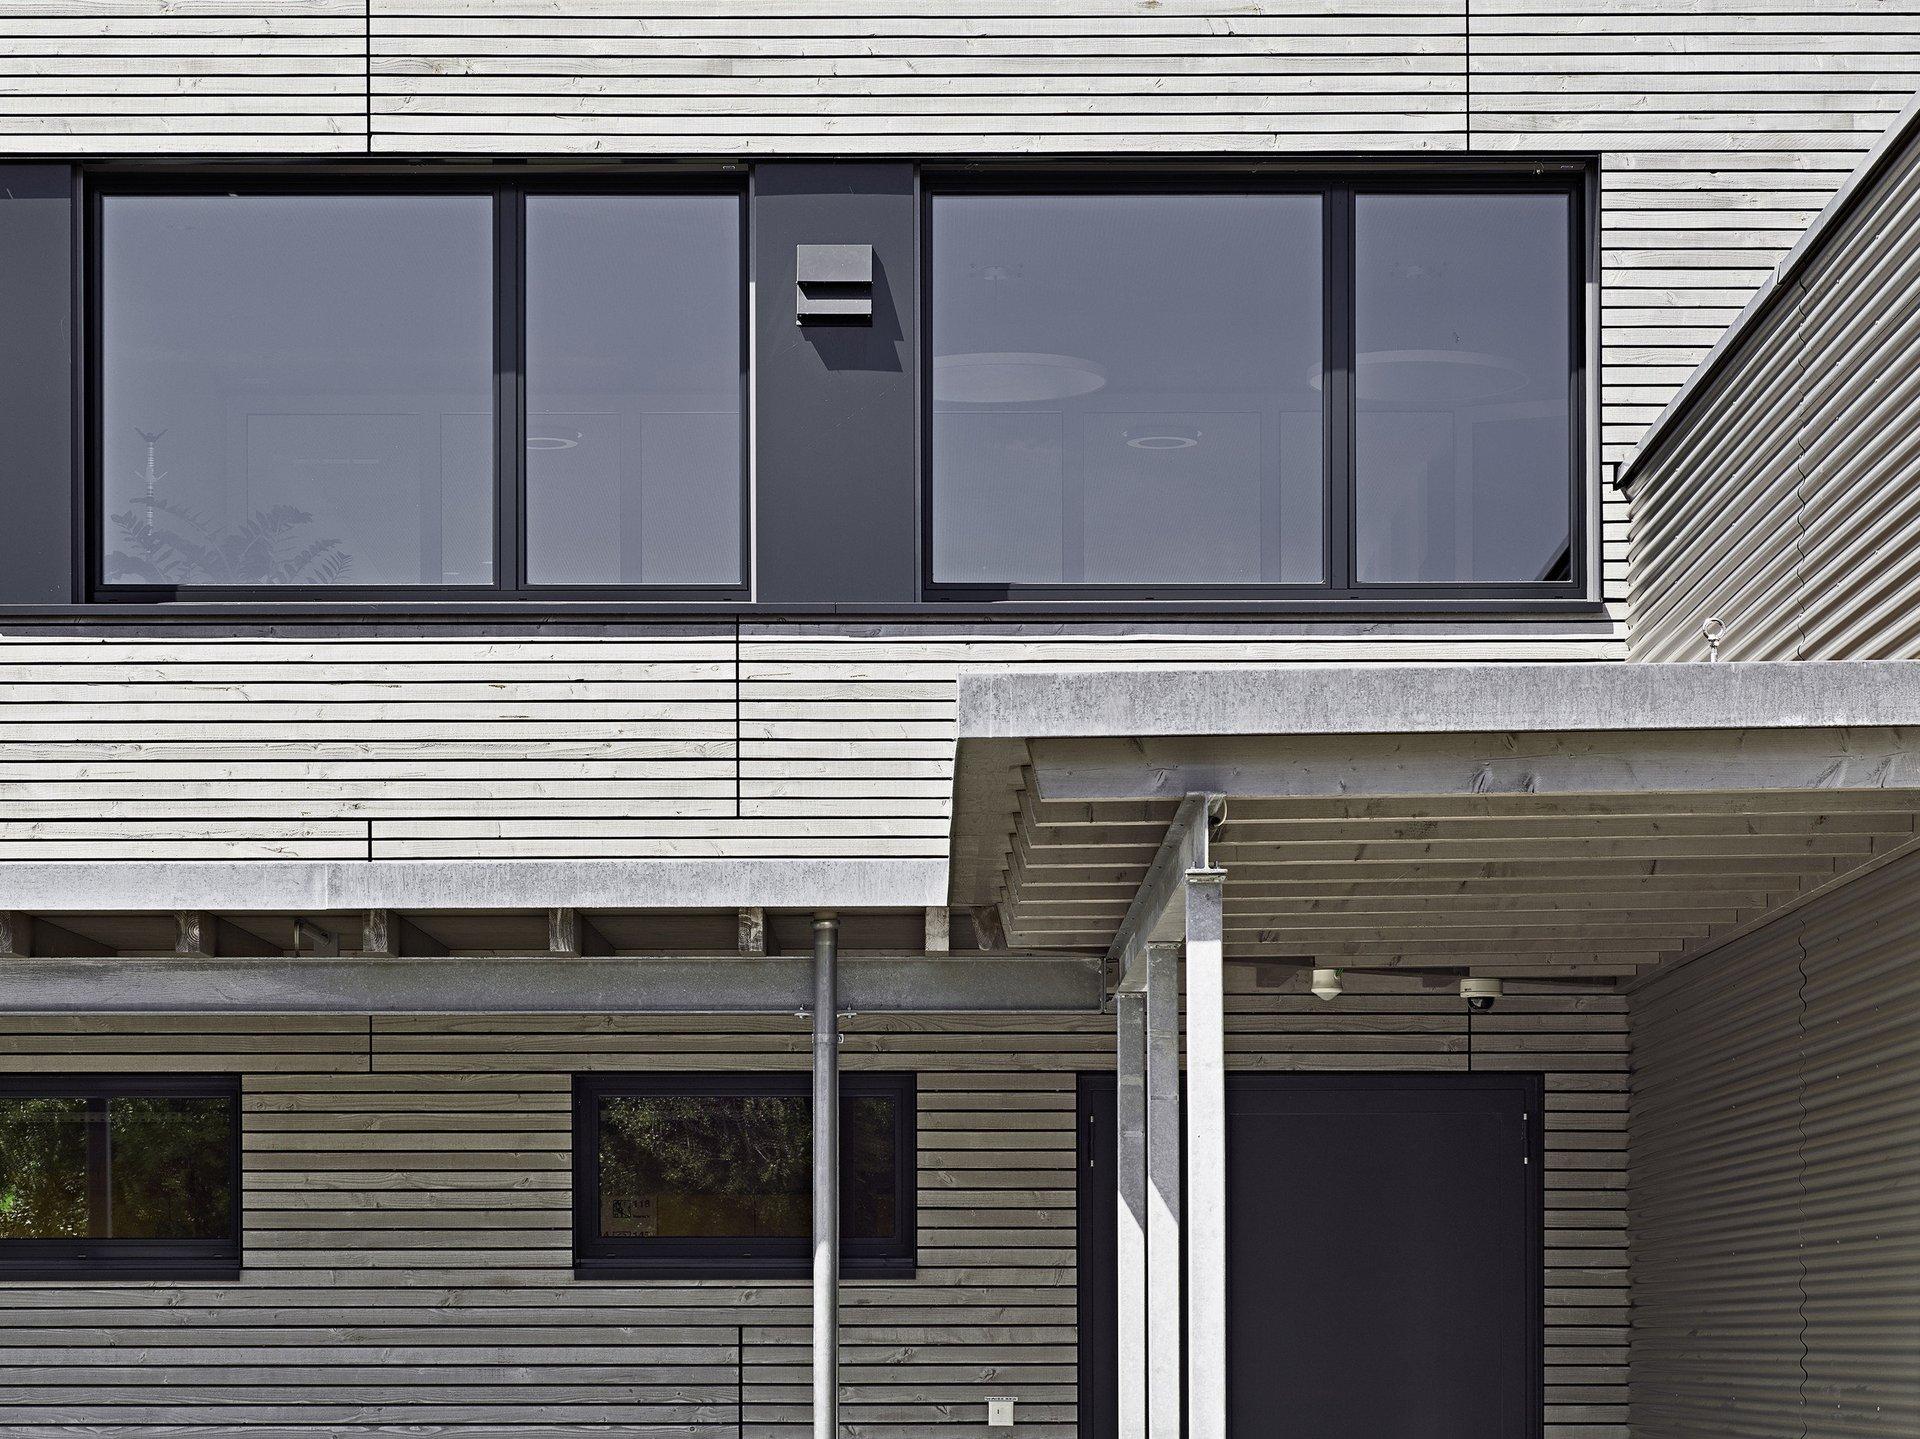 2 Fensterelemente mit Flügelfenster